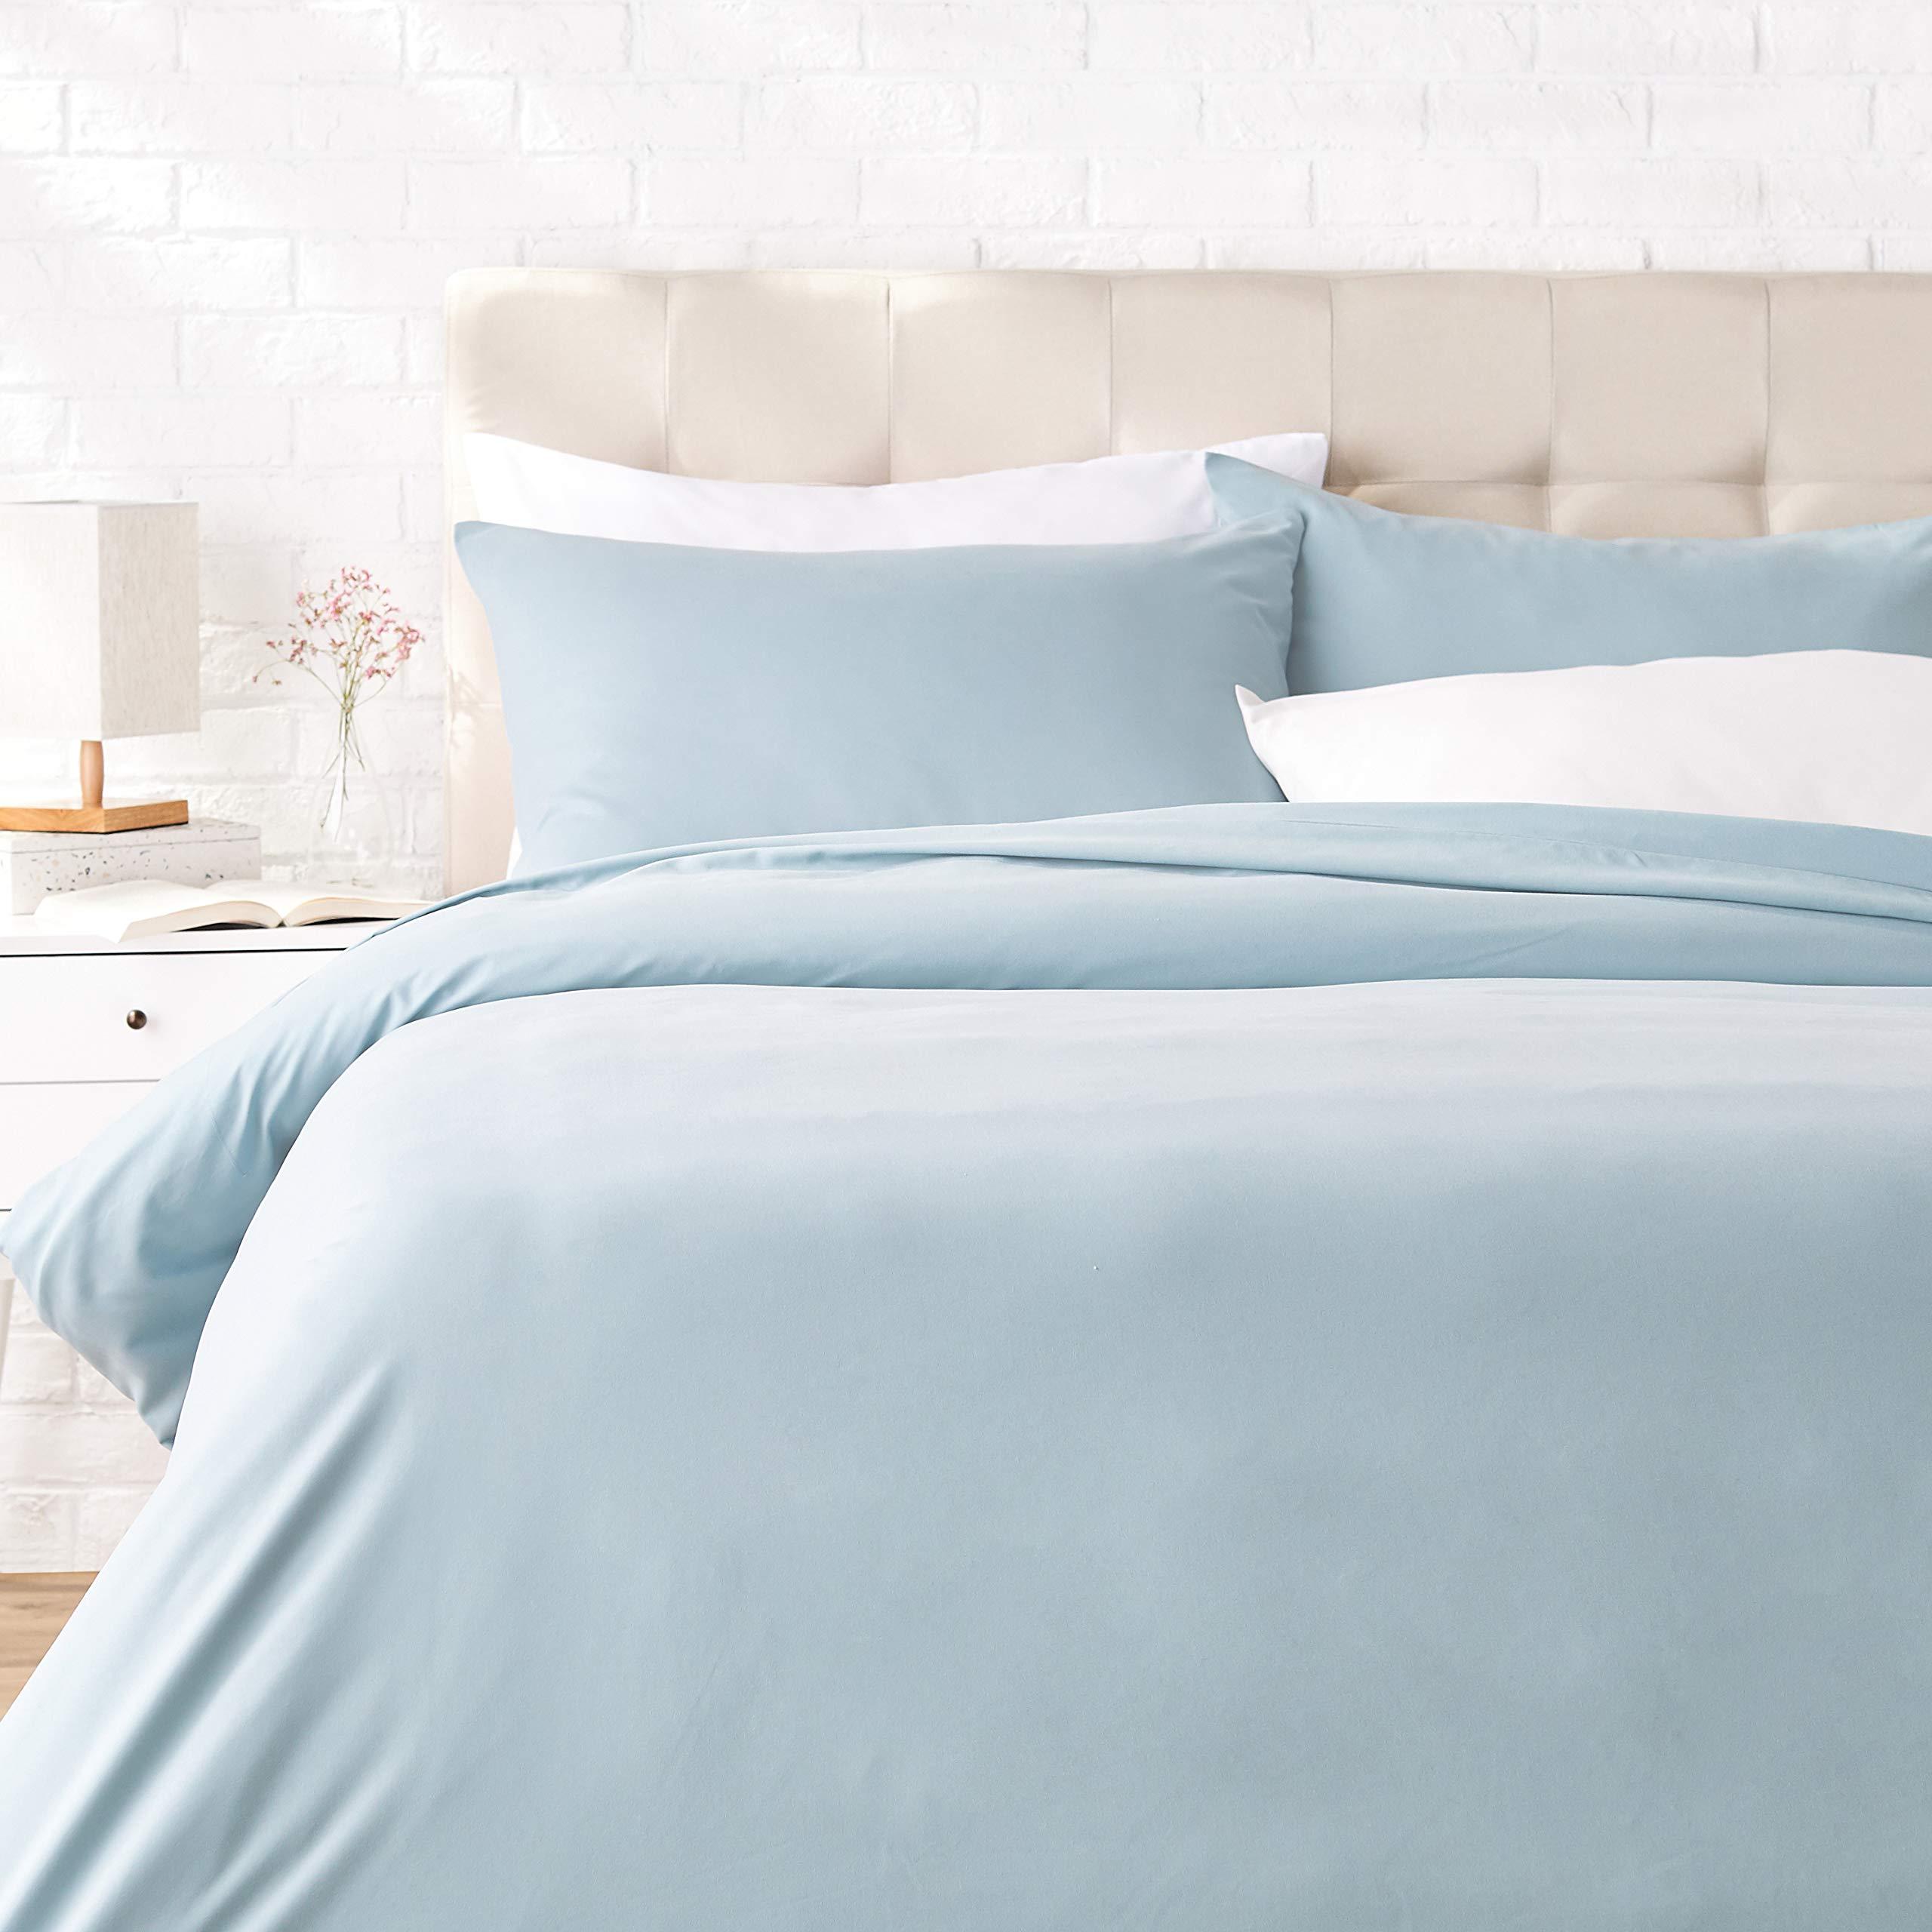 135 x 200 cm // 50 x 80 cm gris oscuro Basics Juego de fundas de edred/ón y almohada de microfibra premium